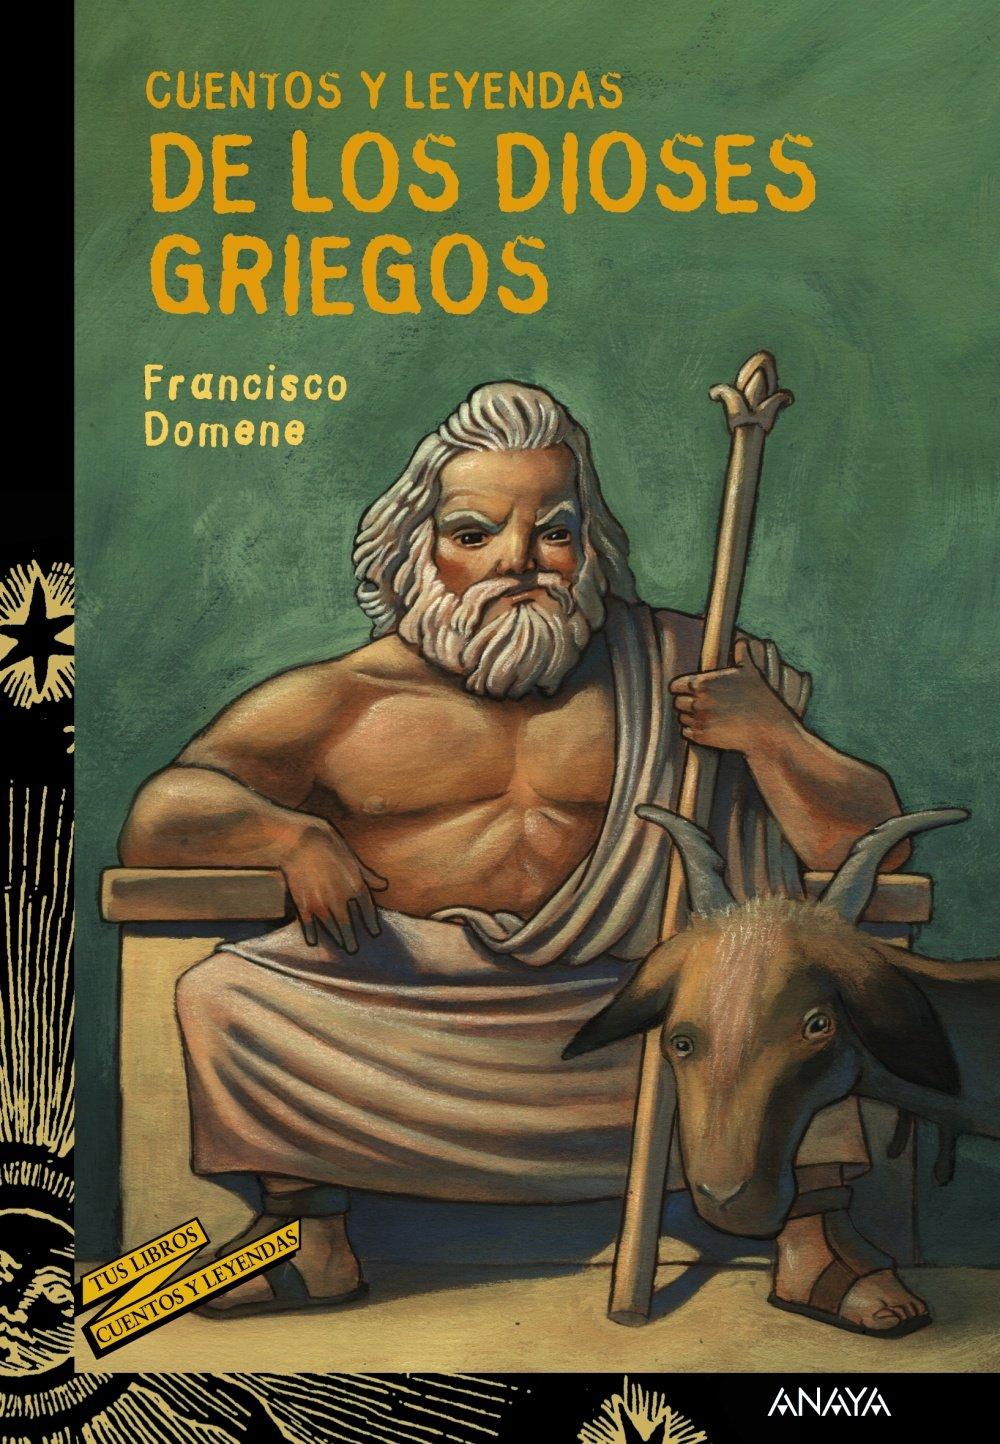 Cuentos y leyendas de los dioses griegos Literatura Juvenil A Partir De 12 Años - Cuentos Y Leyendas: Amazon.es: Francisco Domene, Max Hierro: Libros